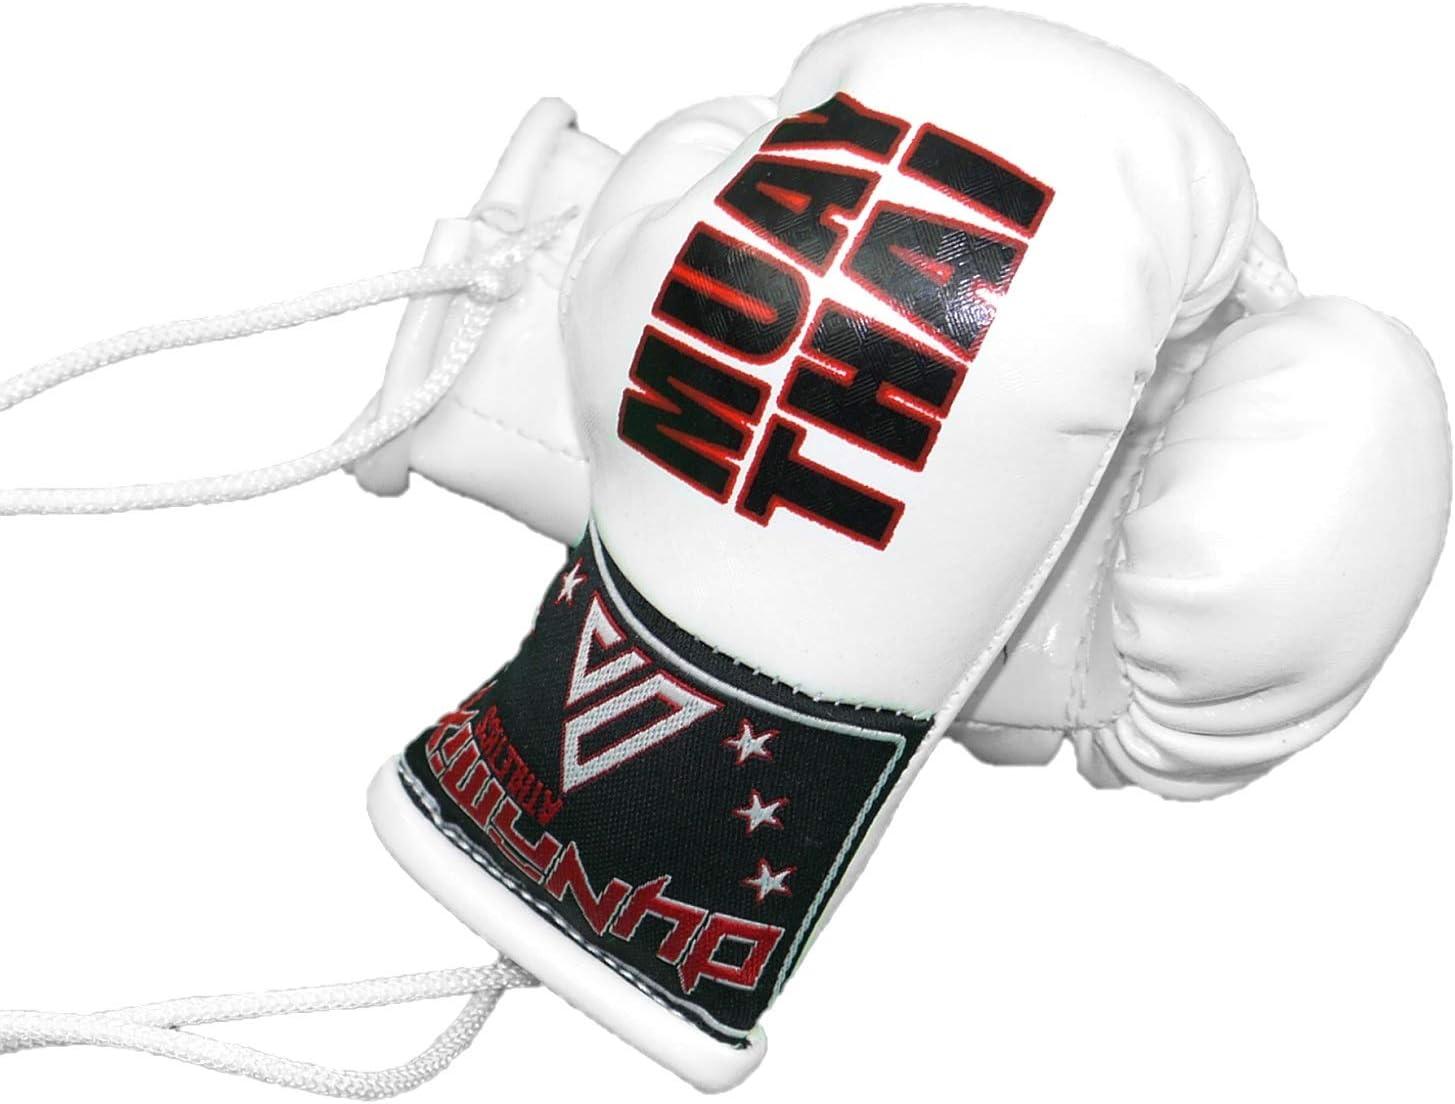 4 bo/îtes Variantes MMA Muay Thai Fighter r/étroviseur Suspension de r/étroviseur r/étroviseur int/érieur Dynamix Athletics Mini Gants de Boxe pour Voiture remorque r/étroviseur